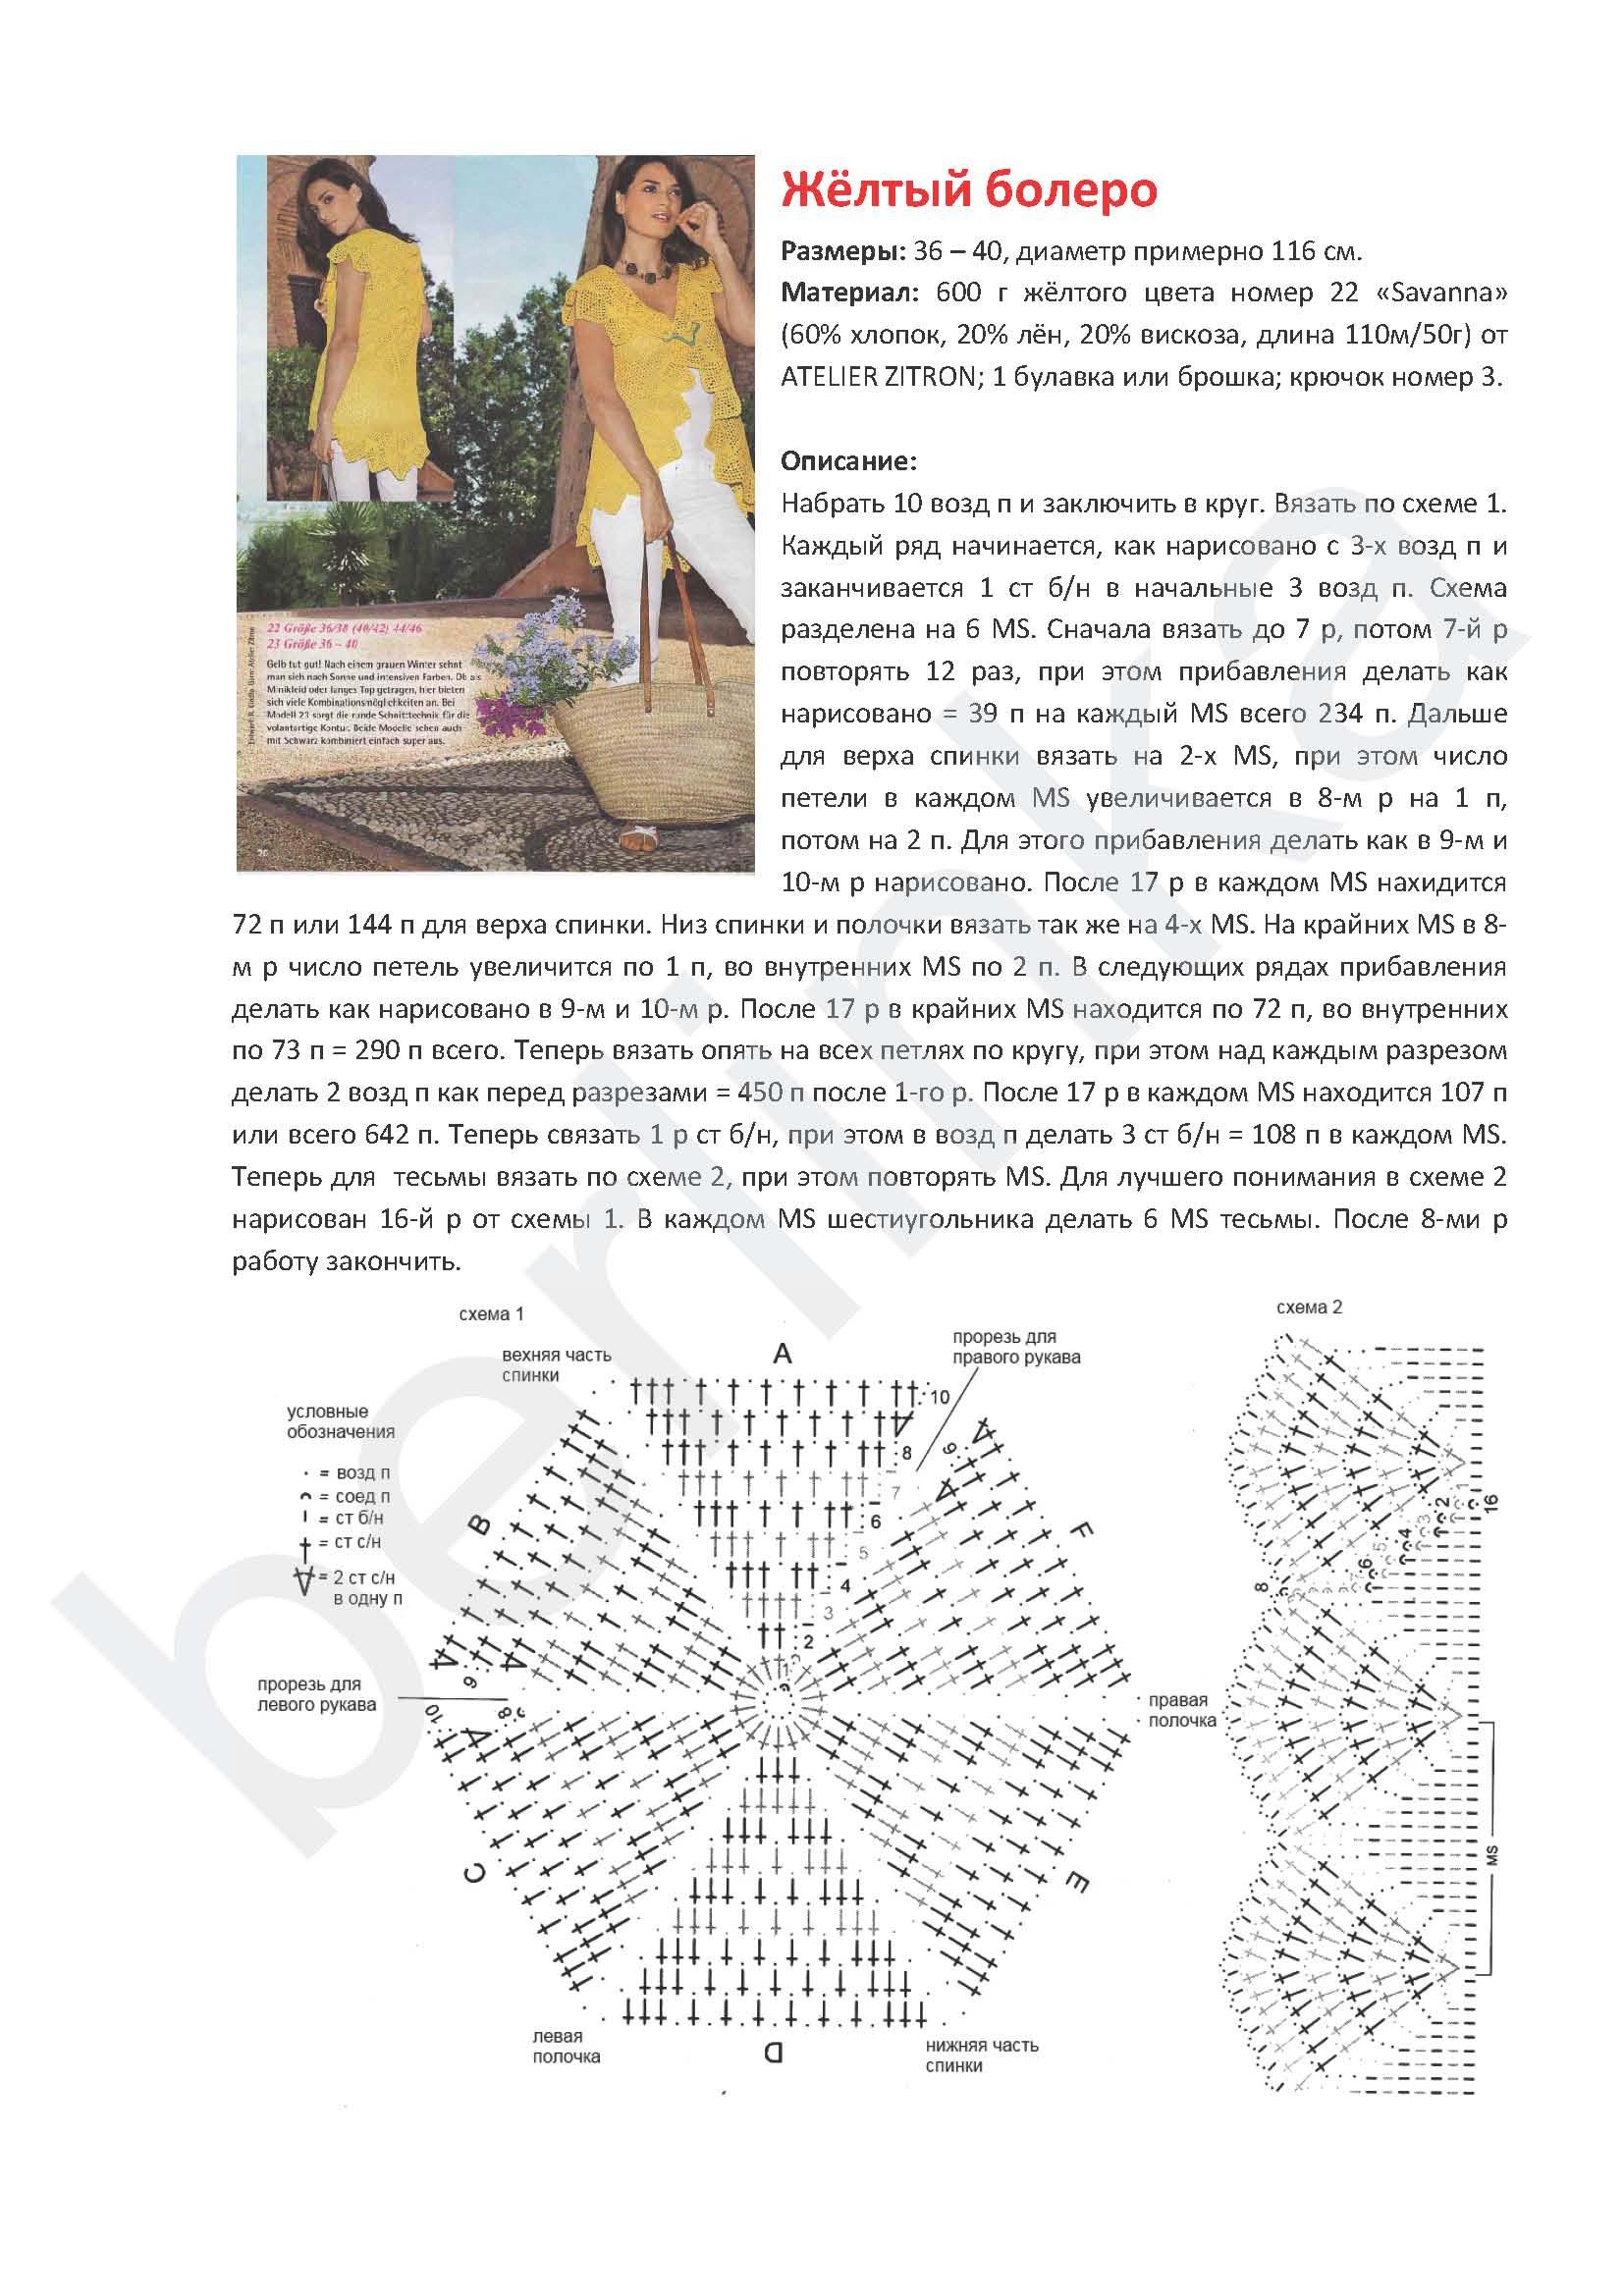 Cхемы и описание вязания болеро крючком для женщины 98